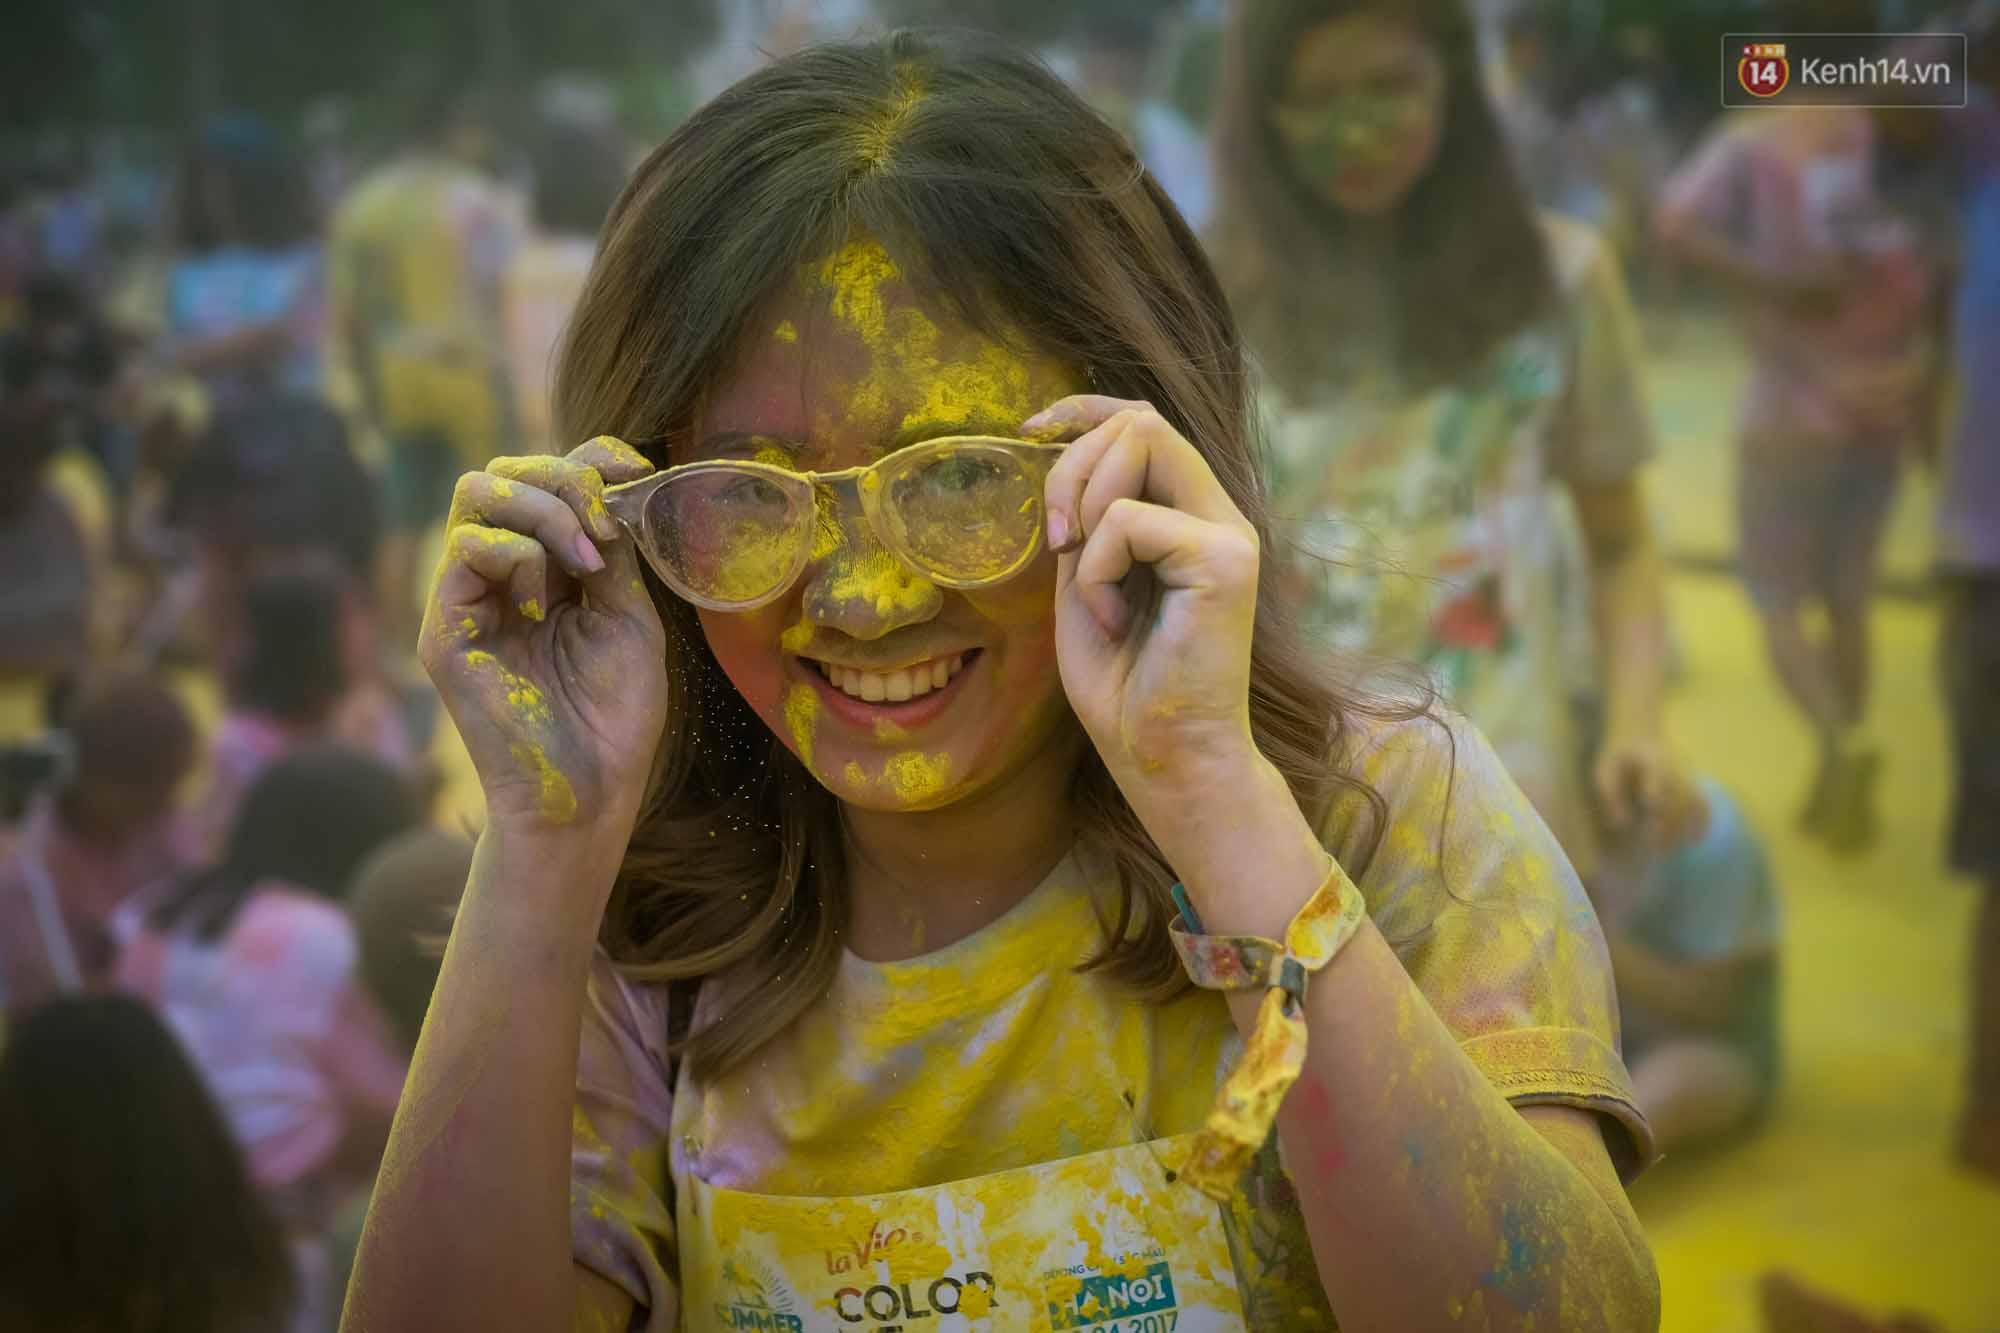 Những khoảnh khắc chứng minh đi Color Me Run lúc nào cũng vui và được quẩy hết mình! - Ảnh 22.